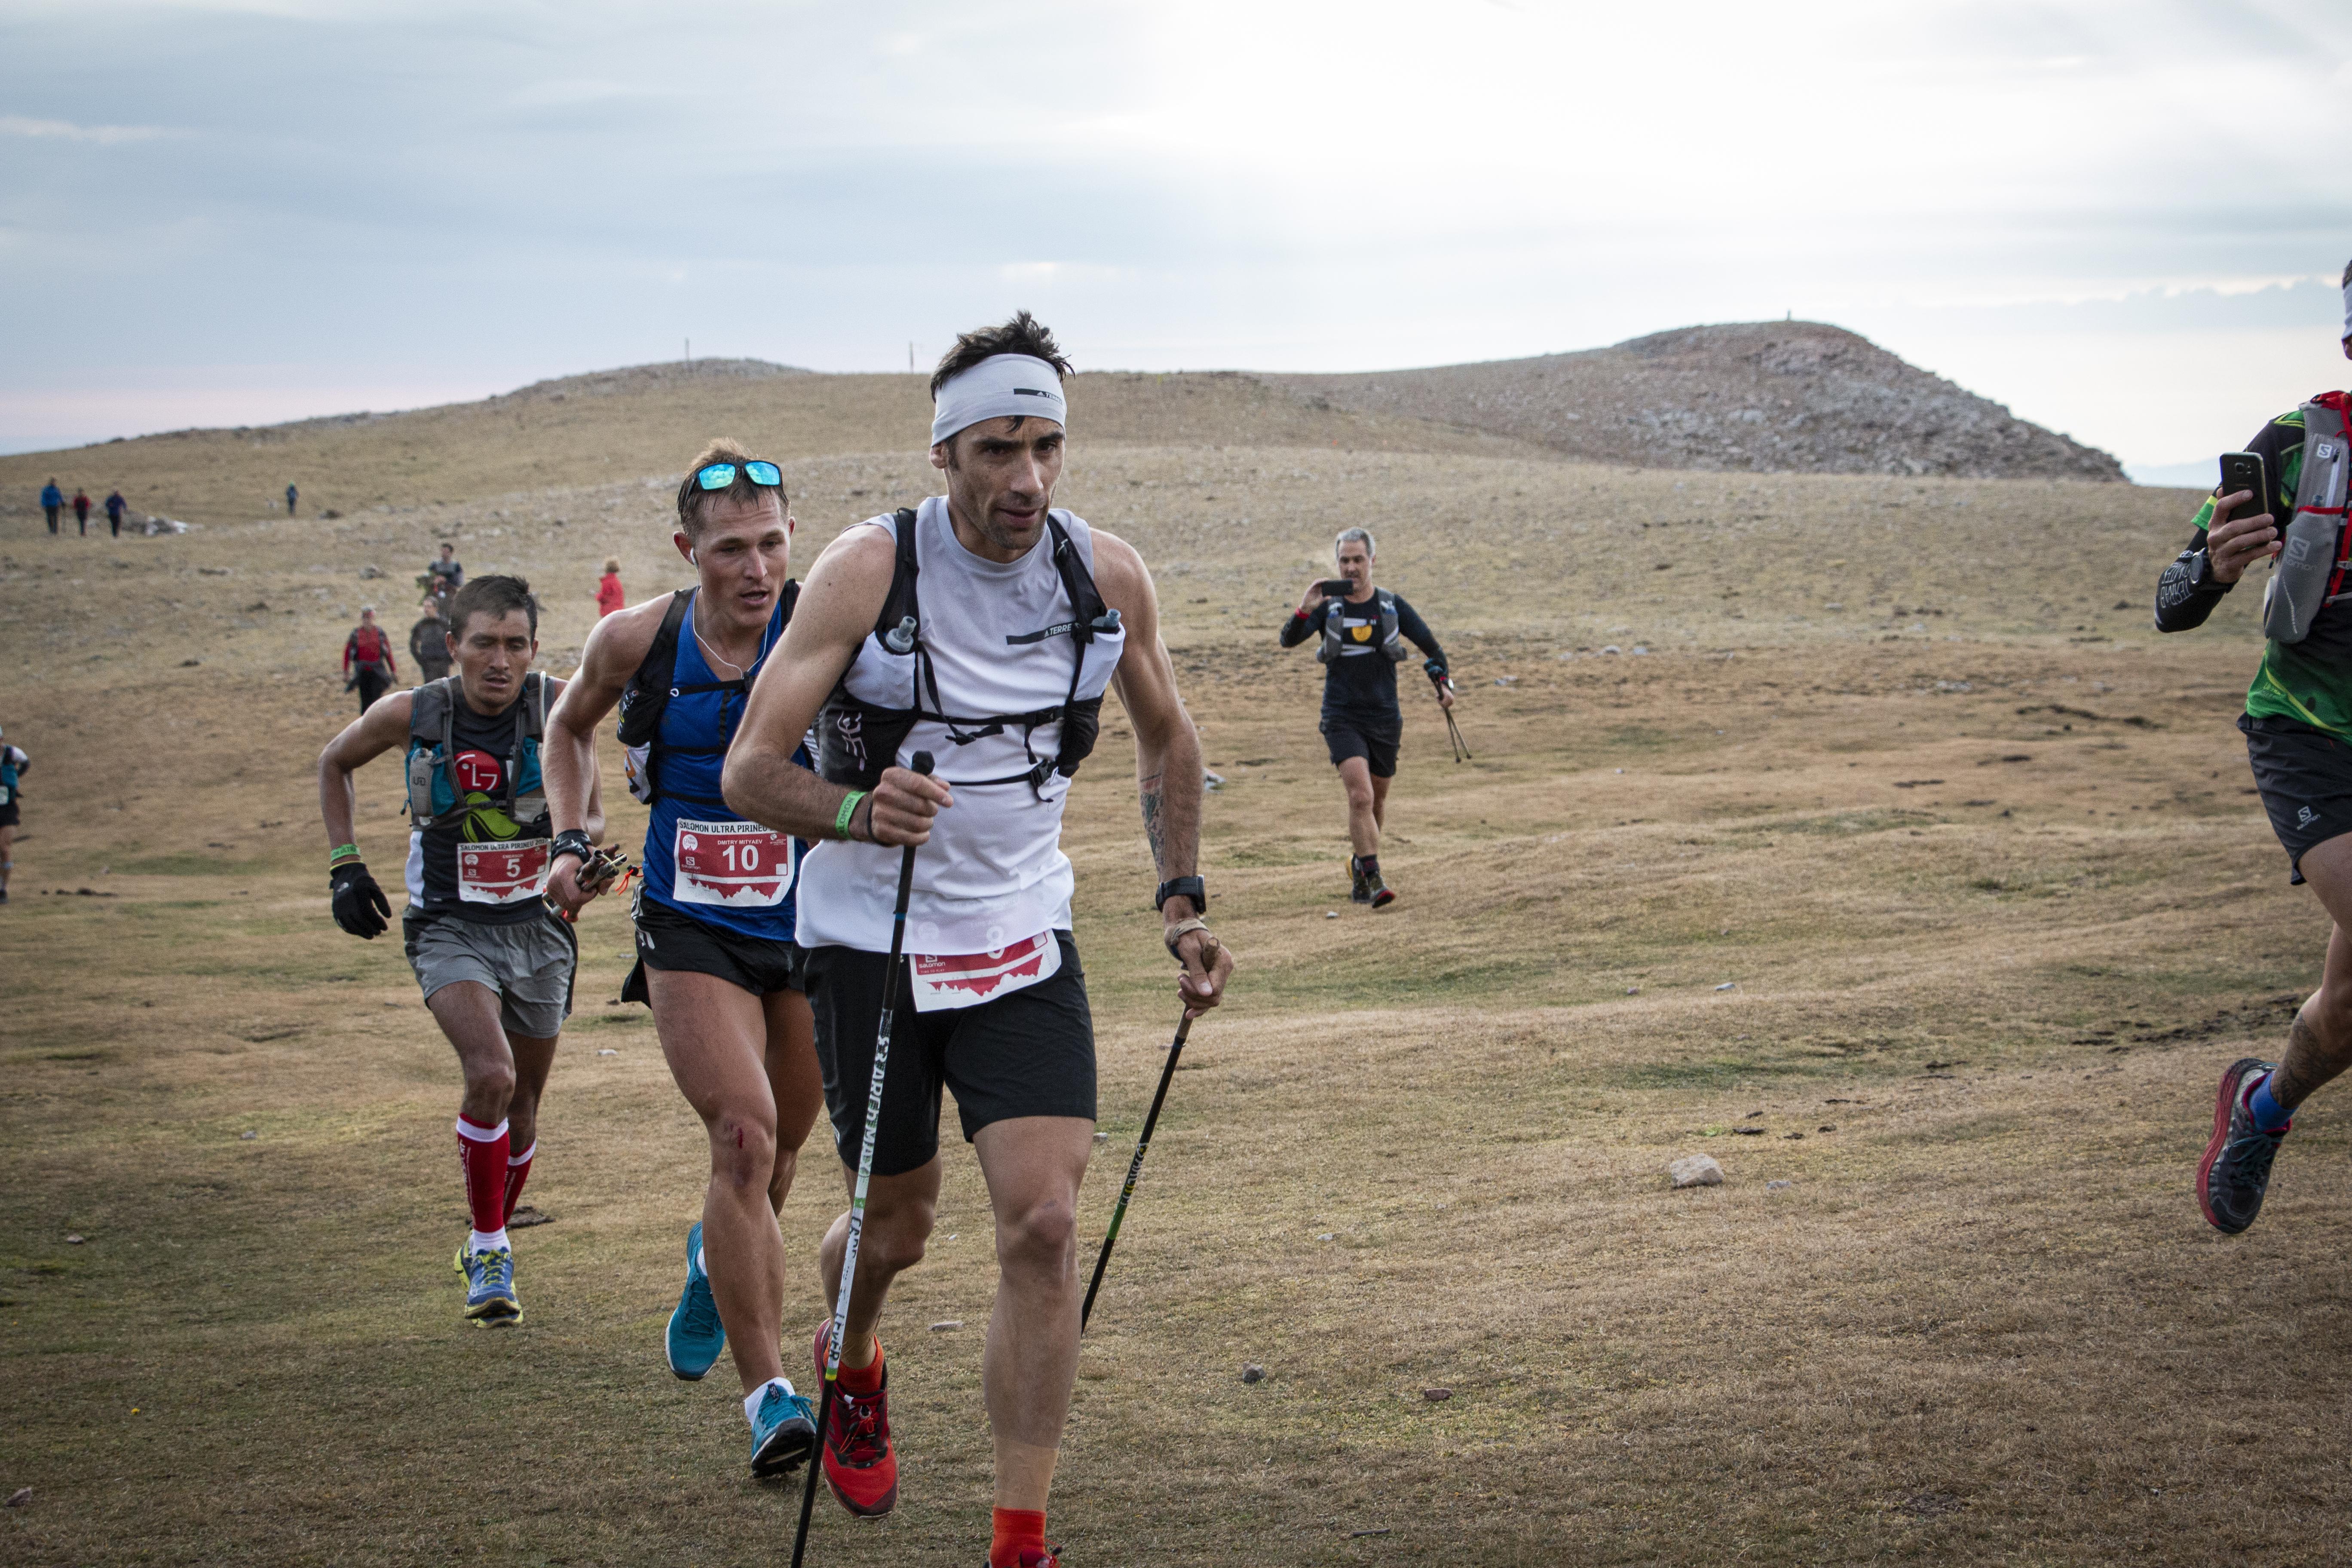 Aquesta cursa d'ultra resistència aplega el bo i millor del món del trailrunning. FOTO: Anna E. Puig